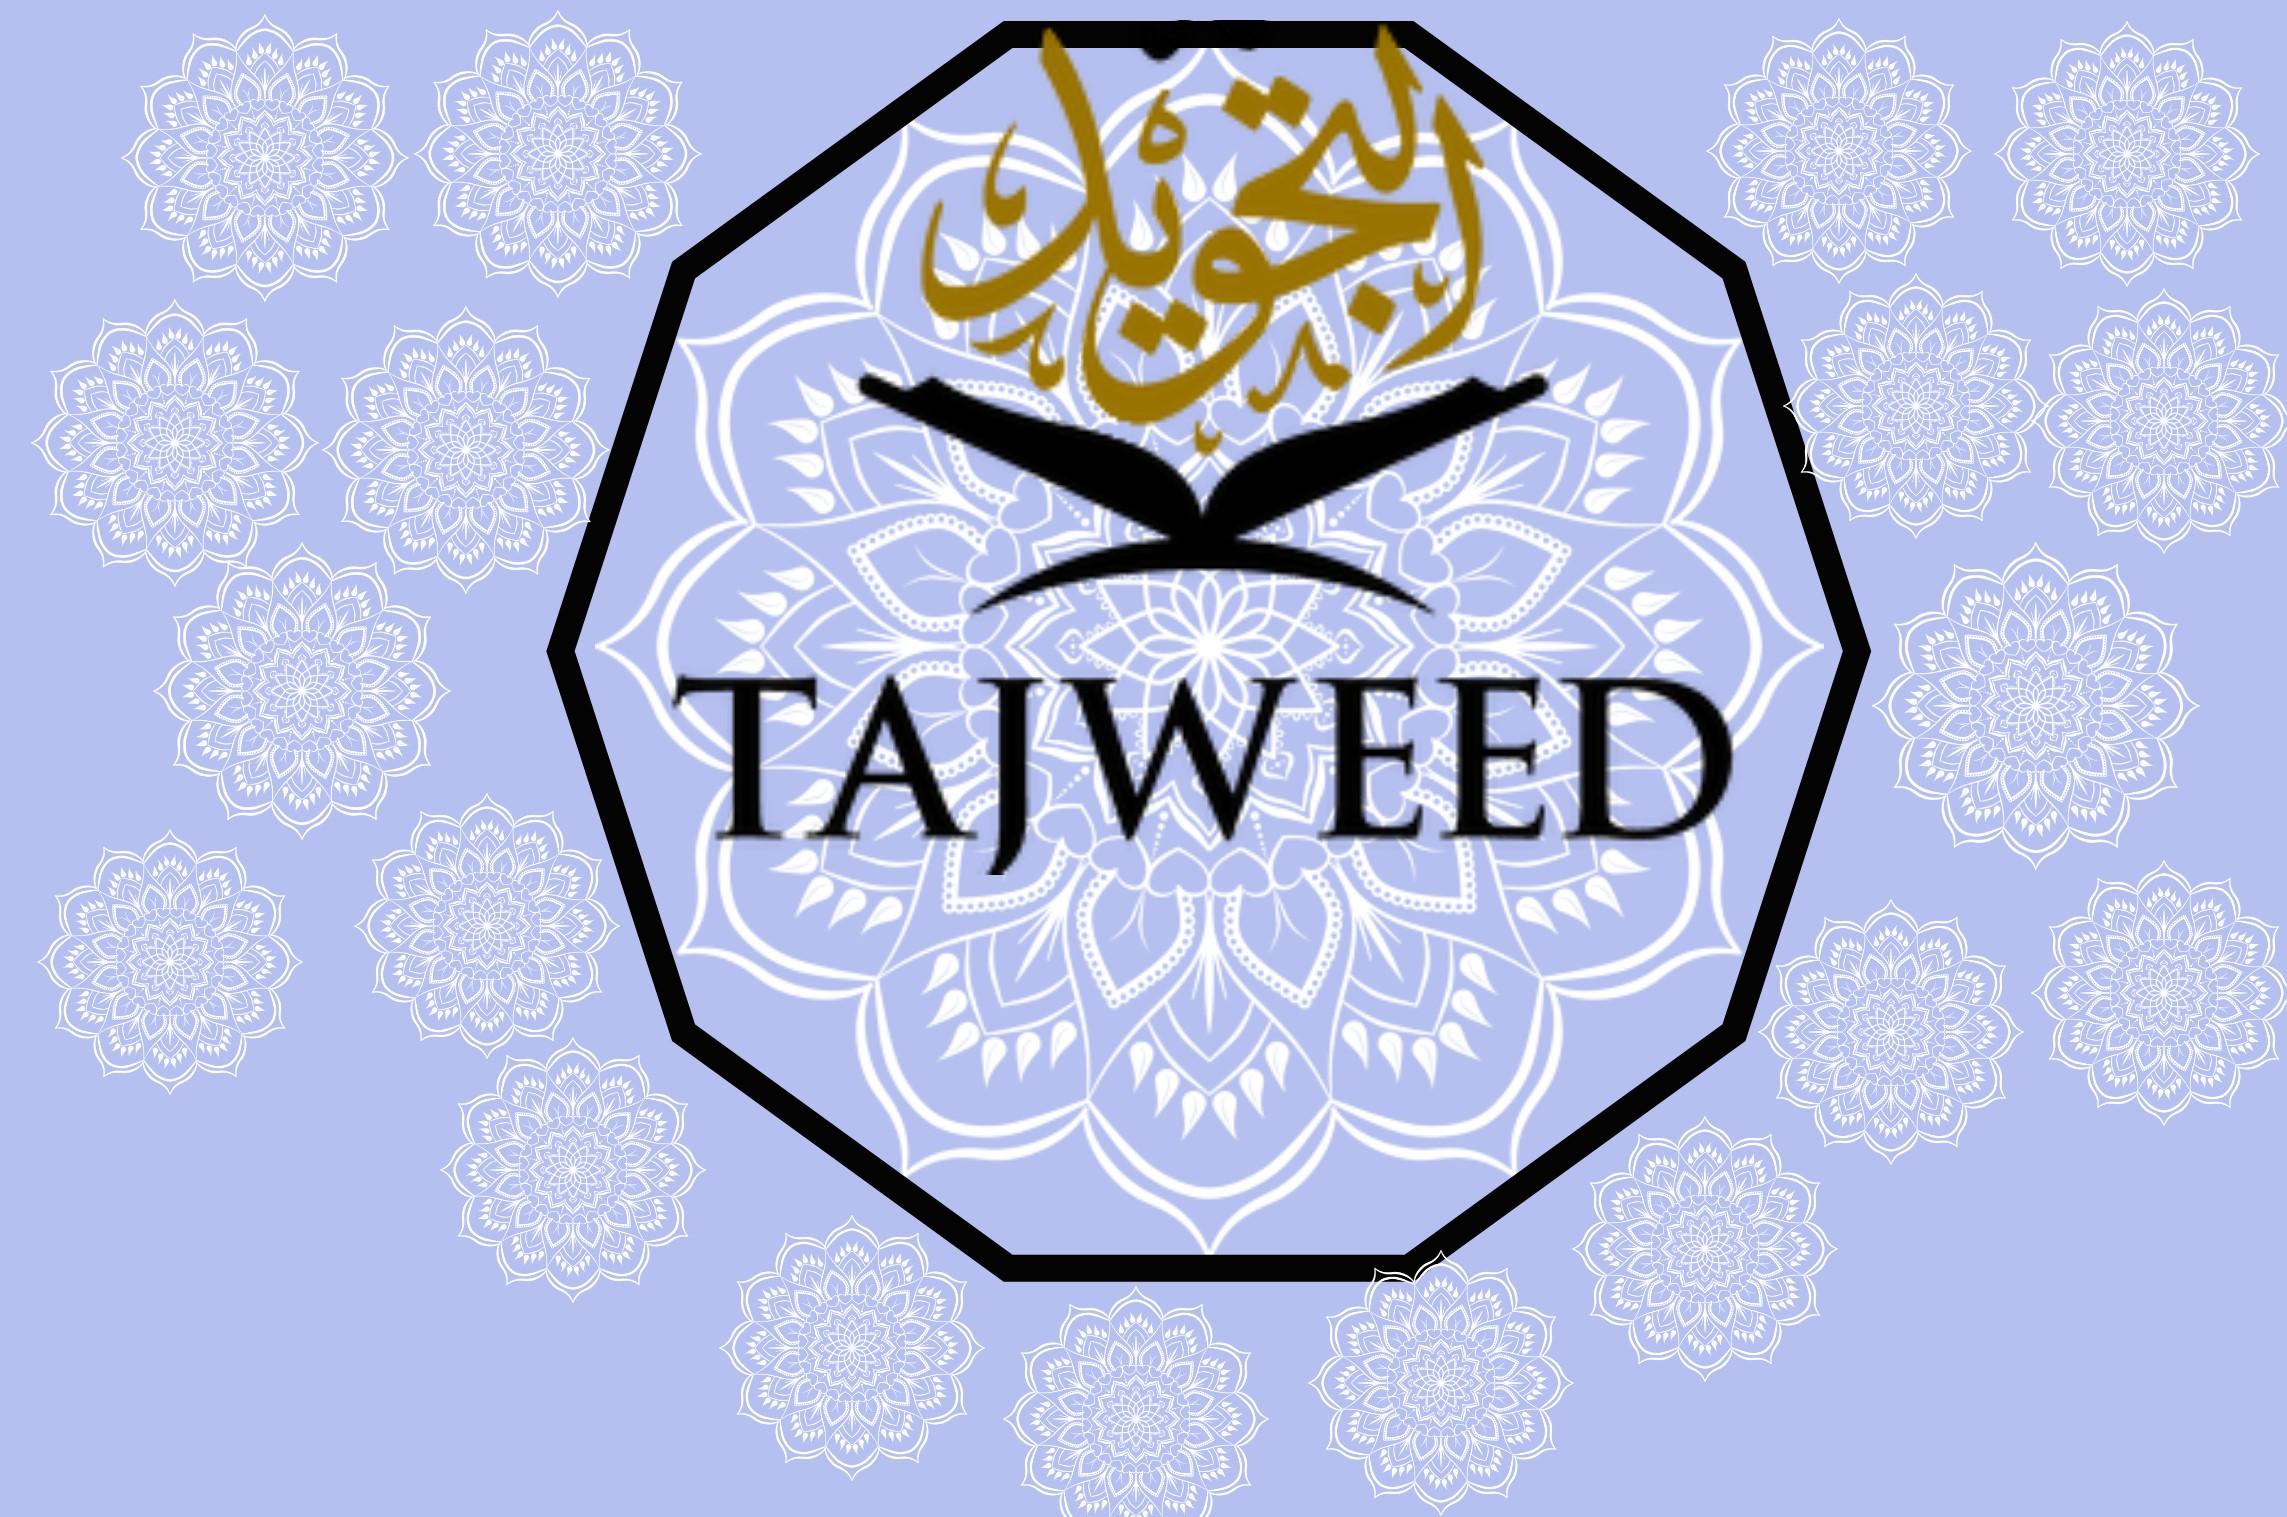 Weekend Tajweed Classes